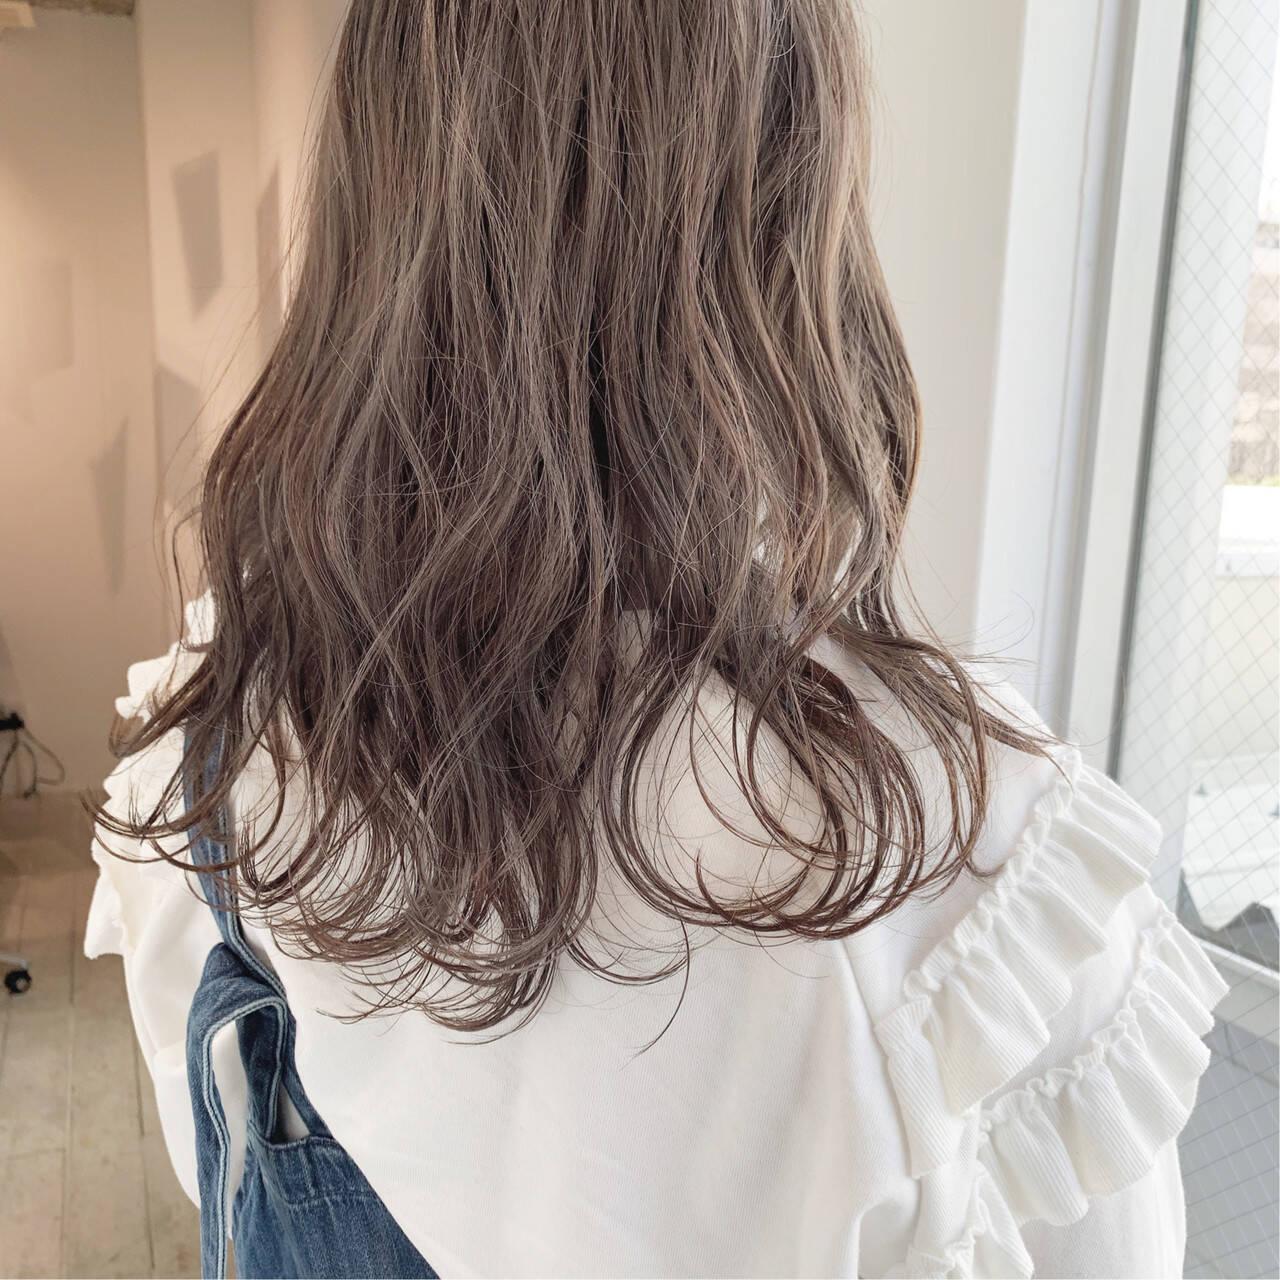 アンニュイほつれヘア 簡単ヘアアレンジ ミルクティーグレージュ ミルクティーベージュヘアスタイルや髪型の写真・画像